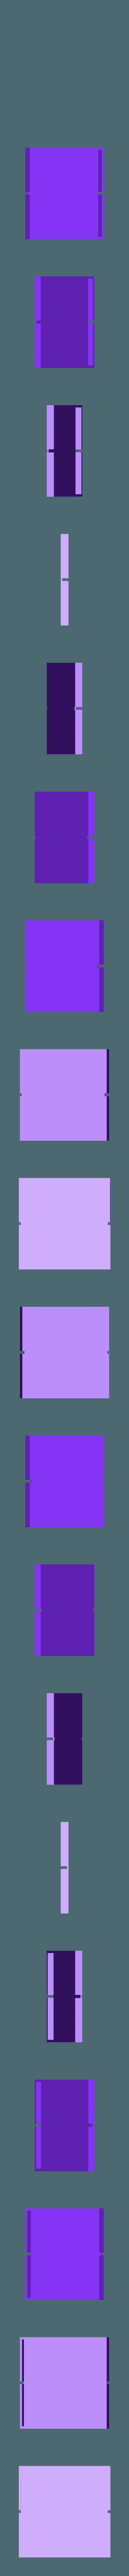 MagicWallet(coin-plate).stl Télécharger fichier STL gratuit Portefeuille magique • Plan pour imprimante 3D, Matlek